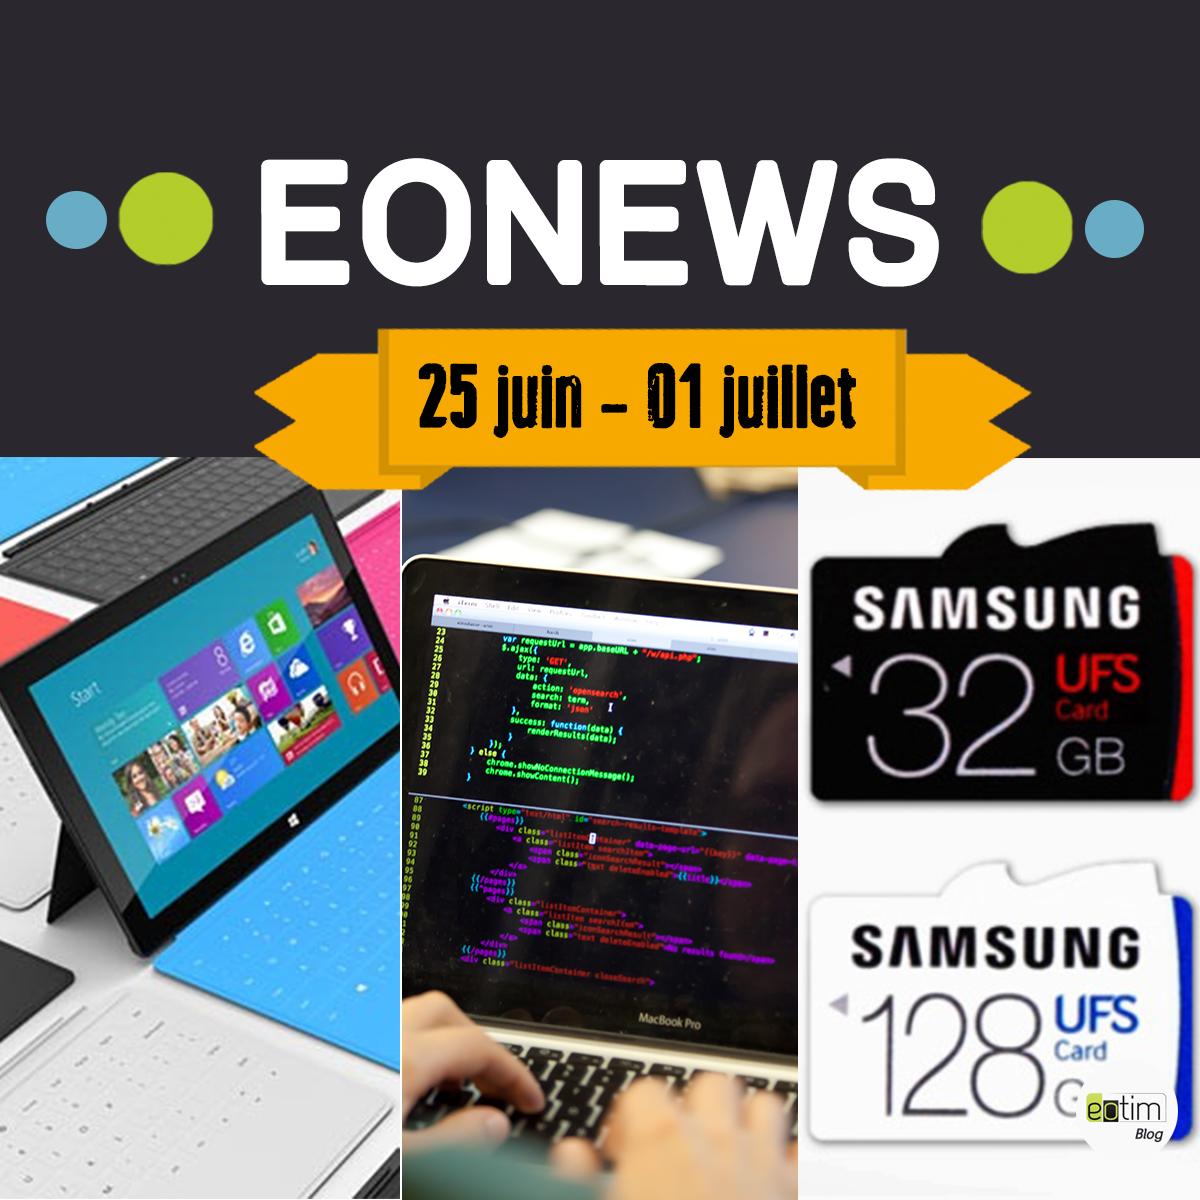 Eonews : l'essentiel de la semaine (2-8 juillet)